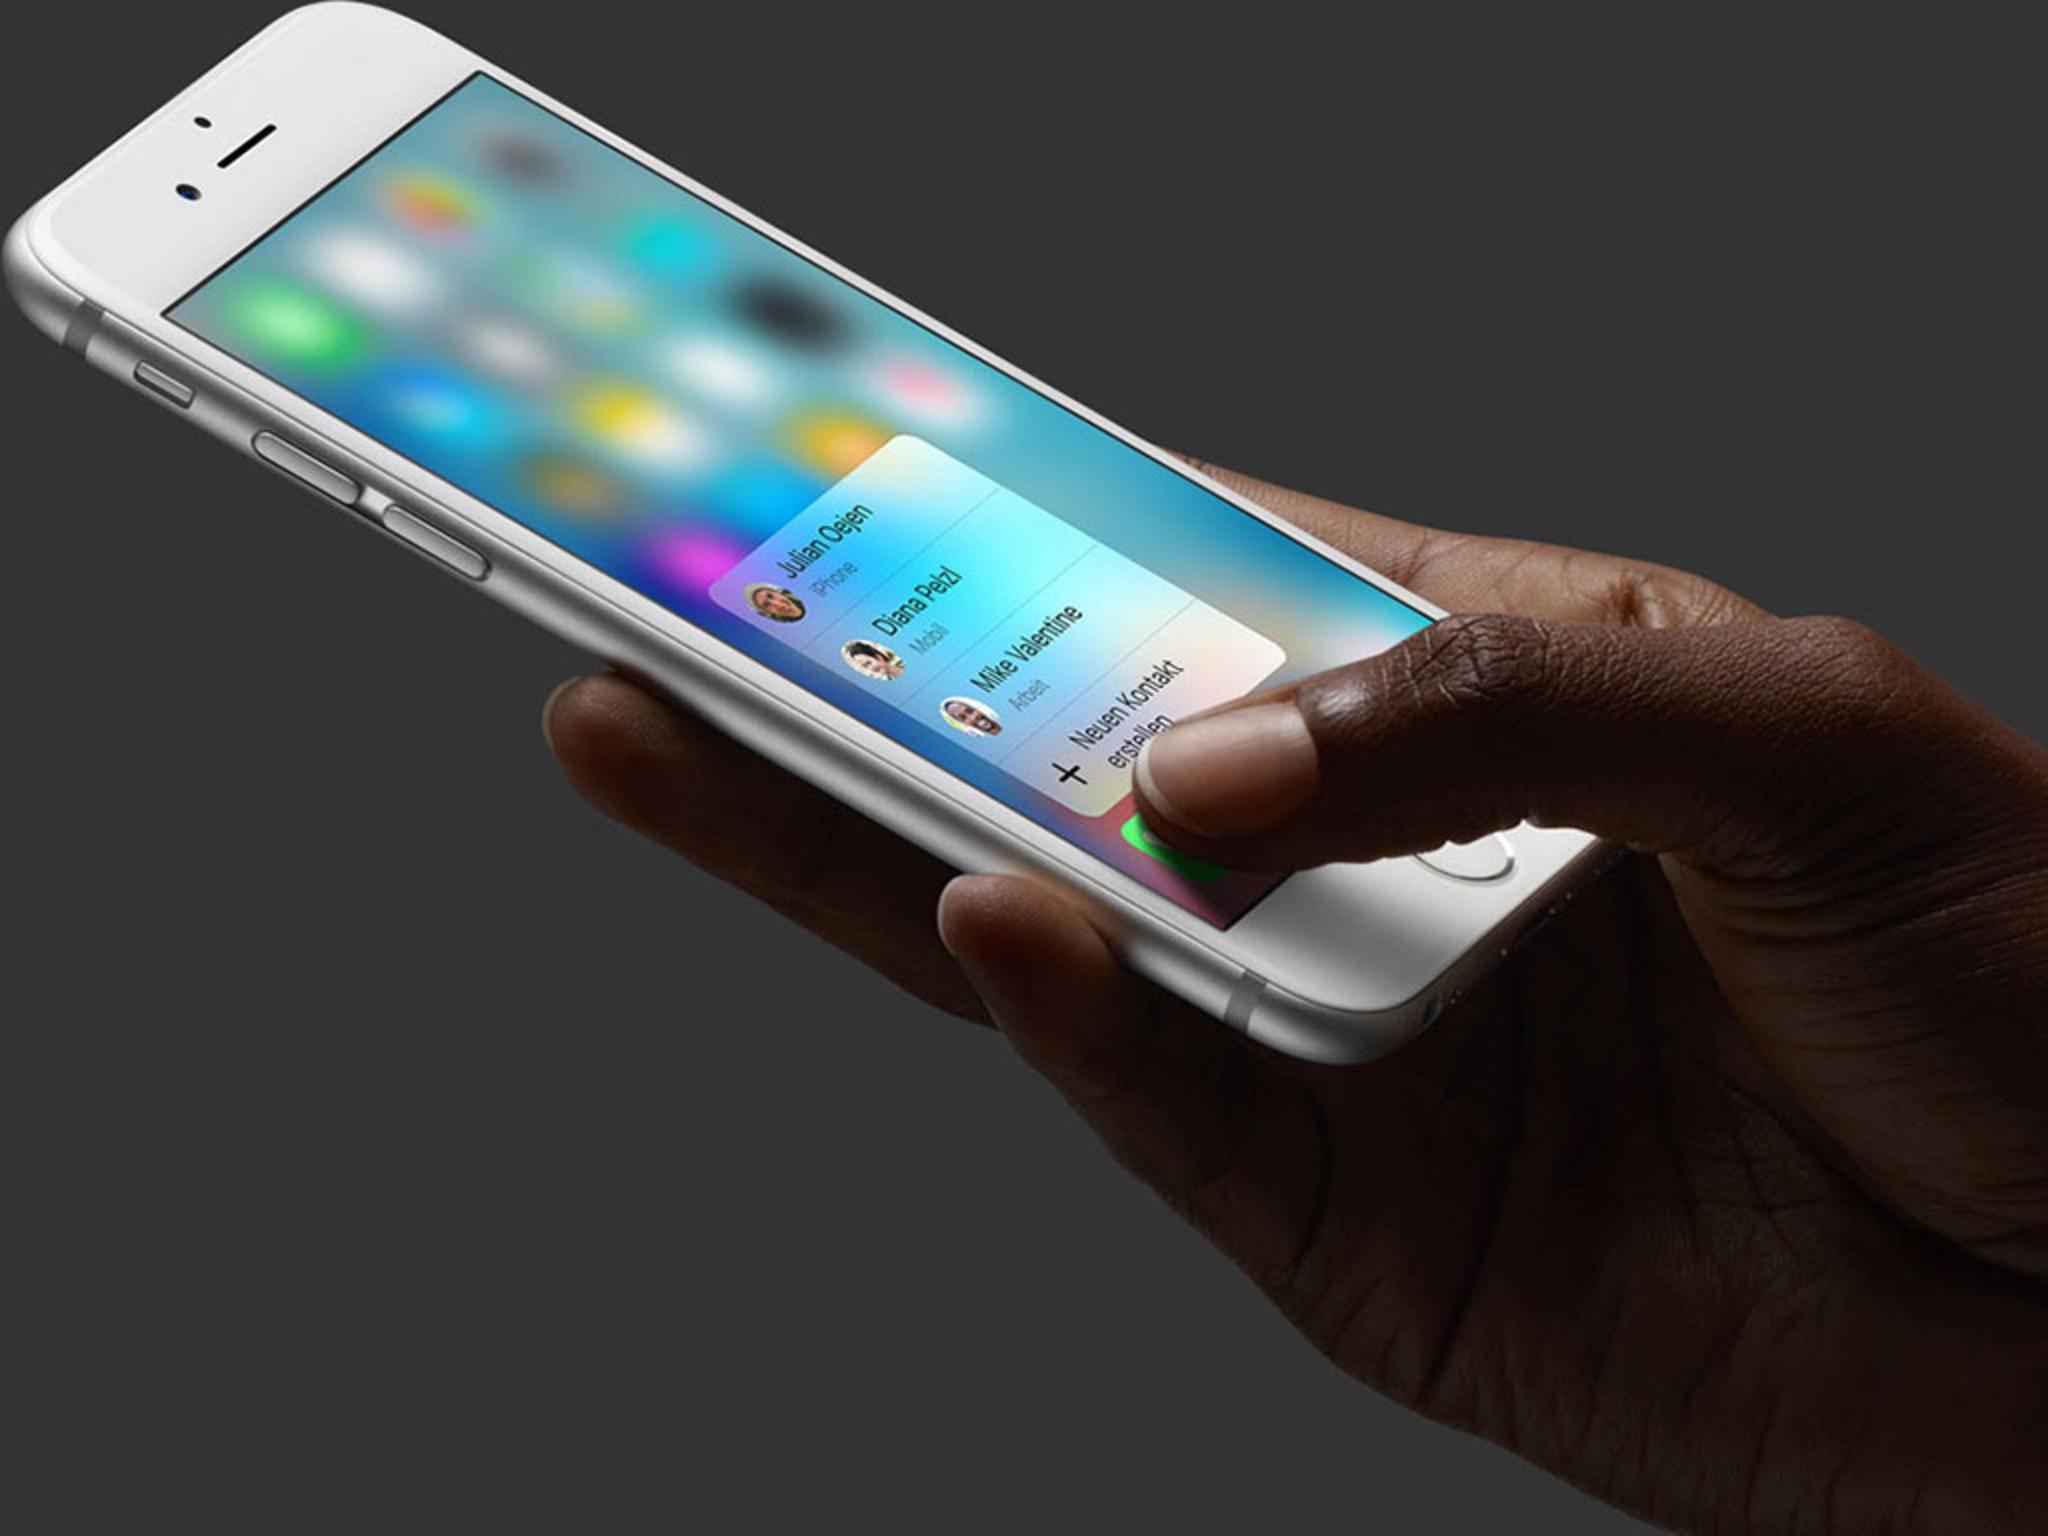 Die Displayauflösung bleibt, beim iPhone 6s reagiert der Screen auf unterschiedlich starken Druck.